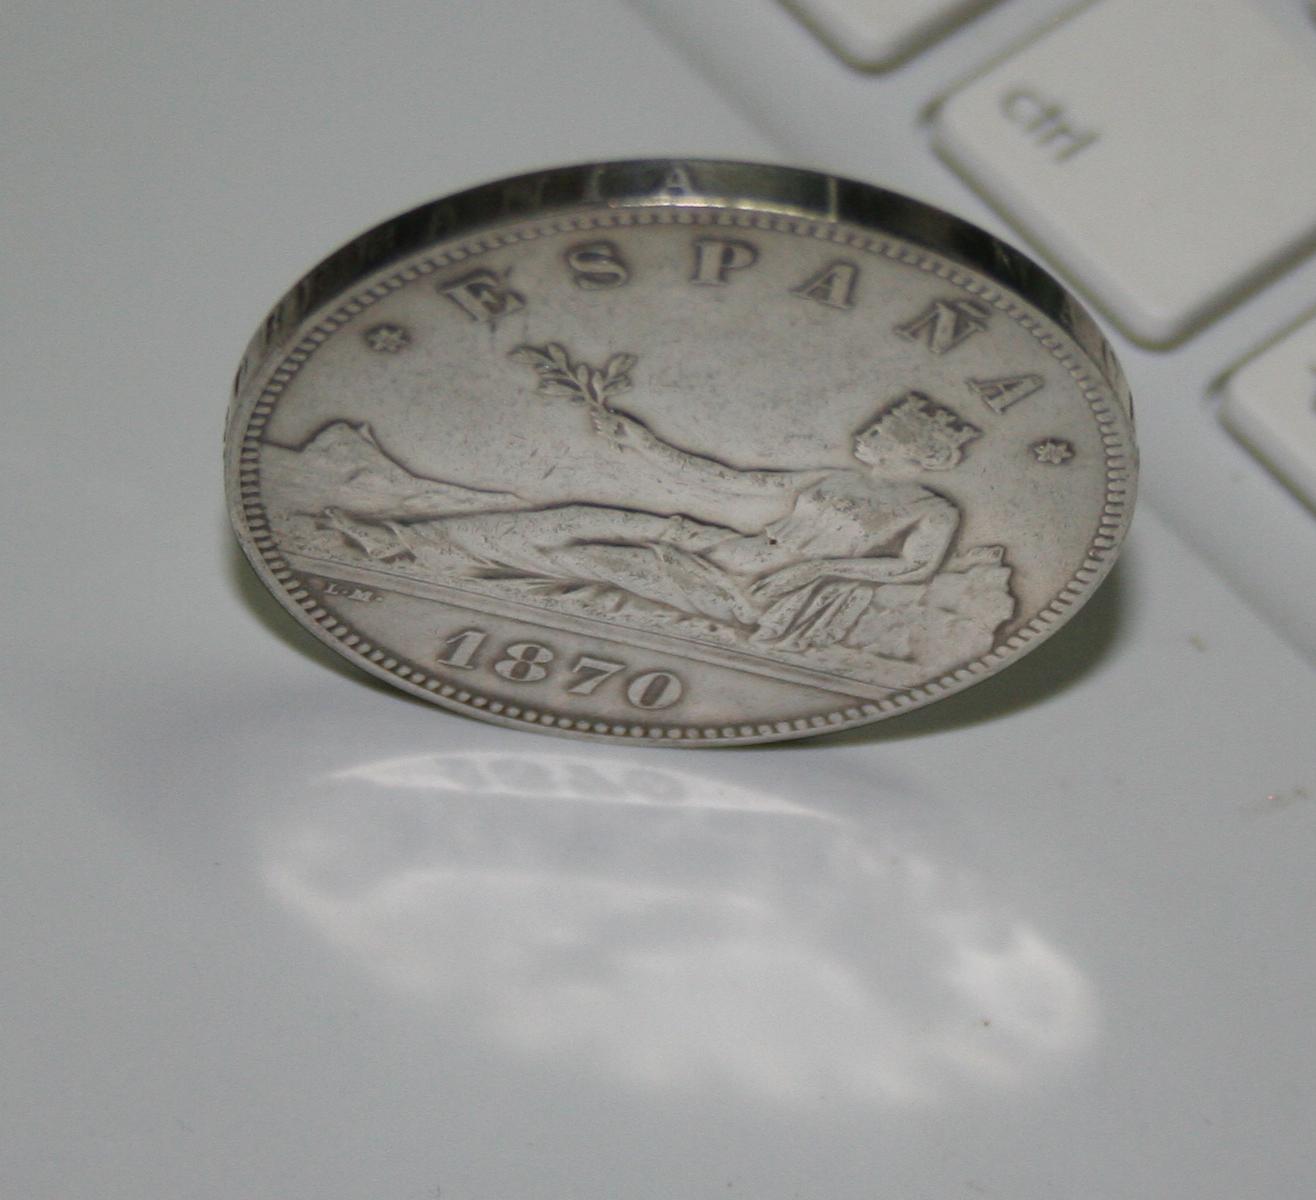 5 pesetas 1870 Falsa de epoca? o ni eso! 6eq6ft